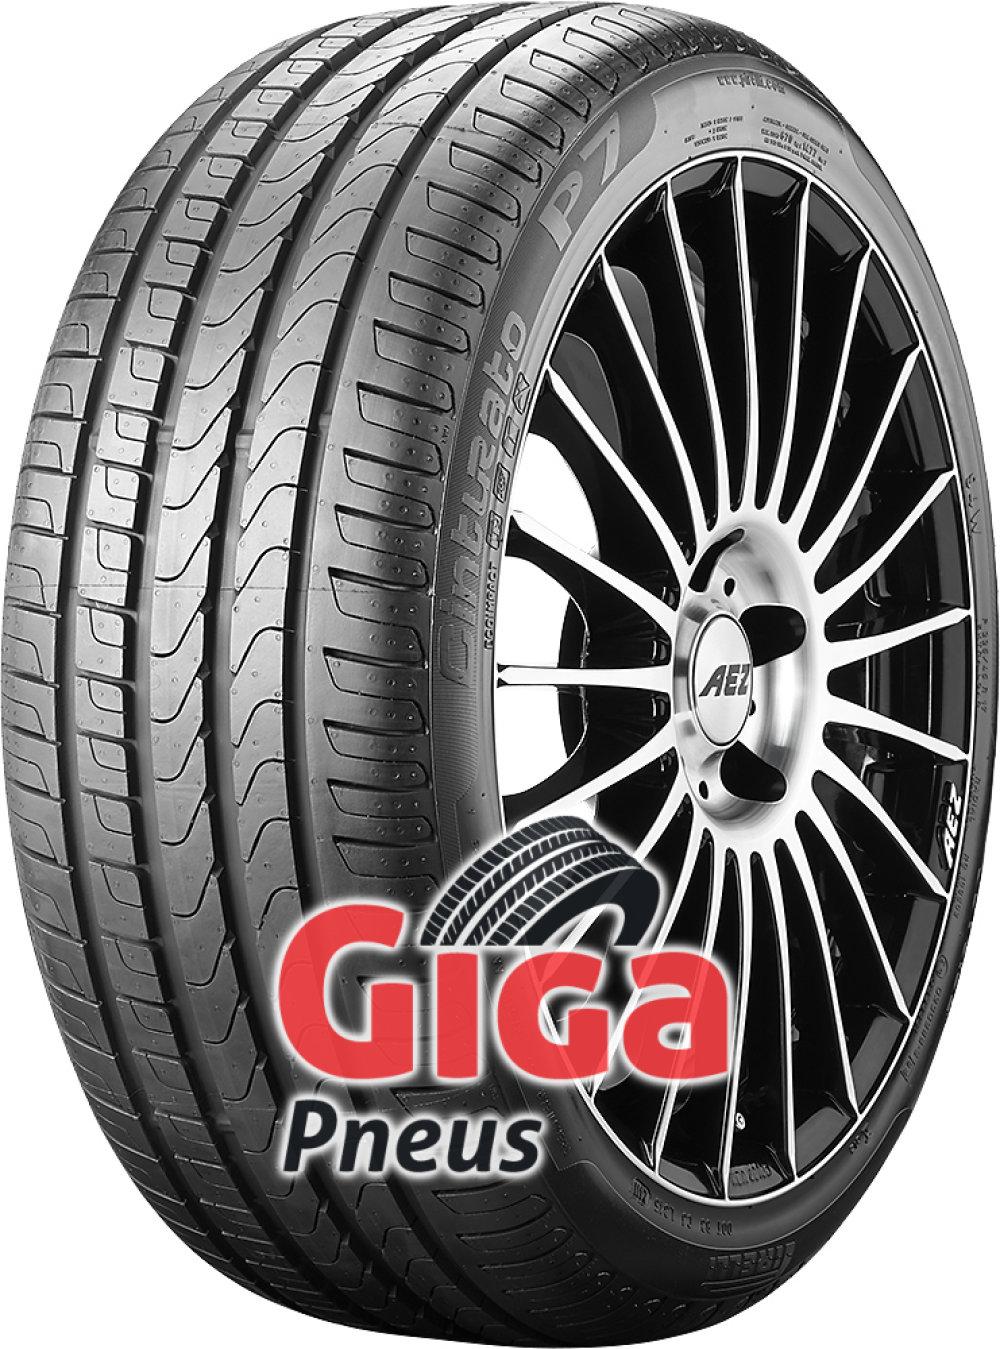 Pirelli Cinturato P7 runflat ( 225/45 R18 91W AR, runflat )